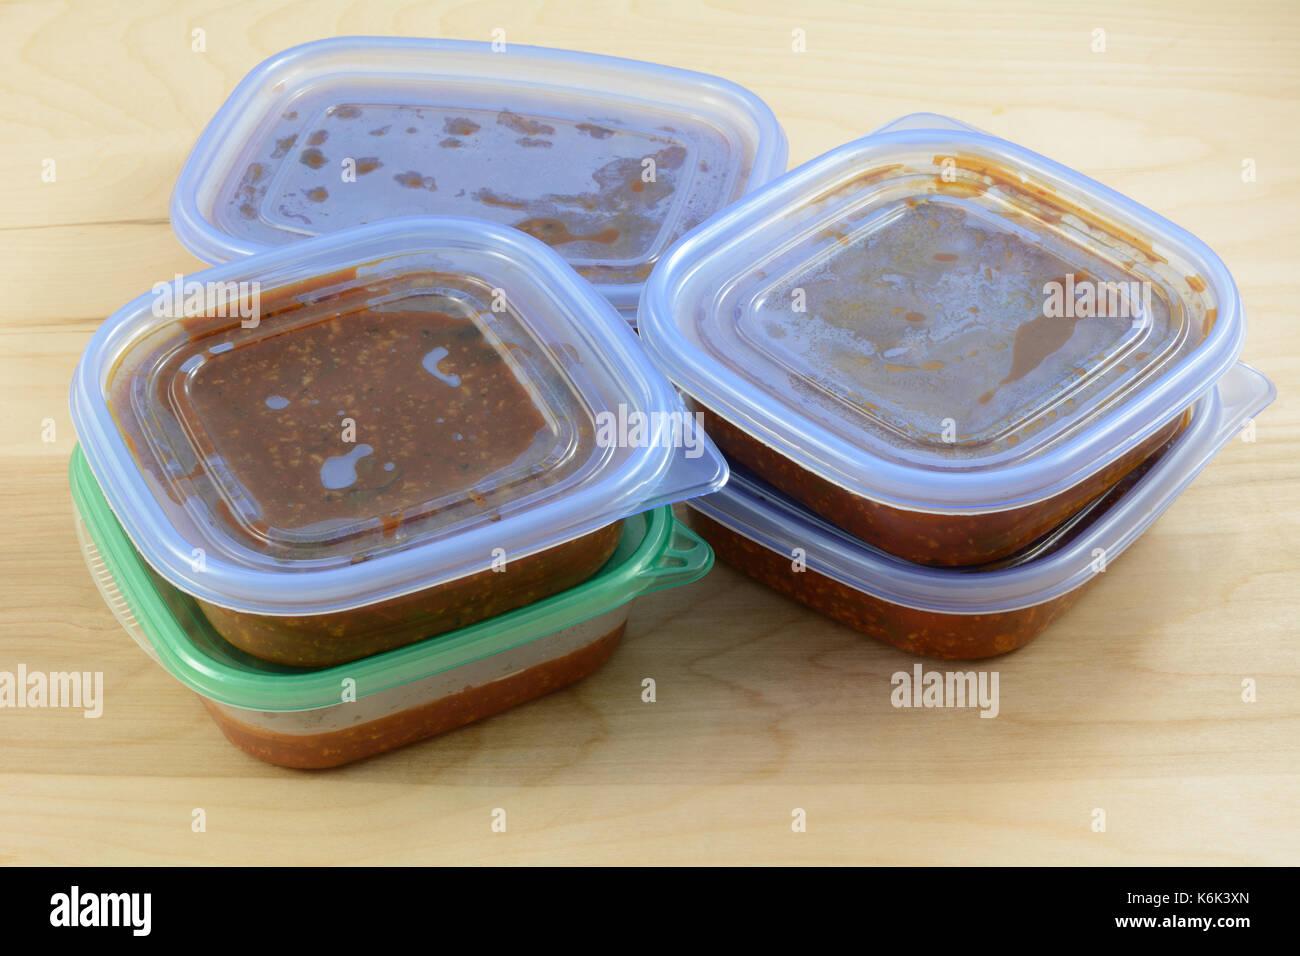 Lot de cuisson de la sauce à spaghetti pit dans les citernes de stockage pour la congélation rapide pour les repas à venir Photo Stock